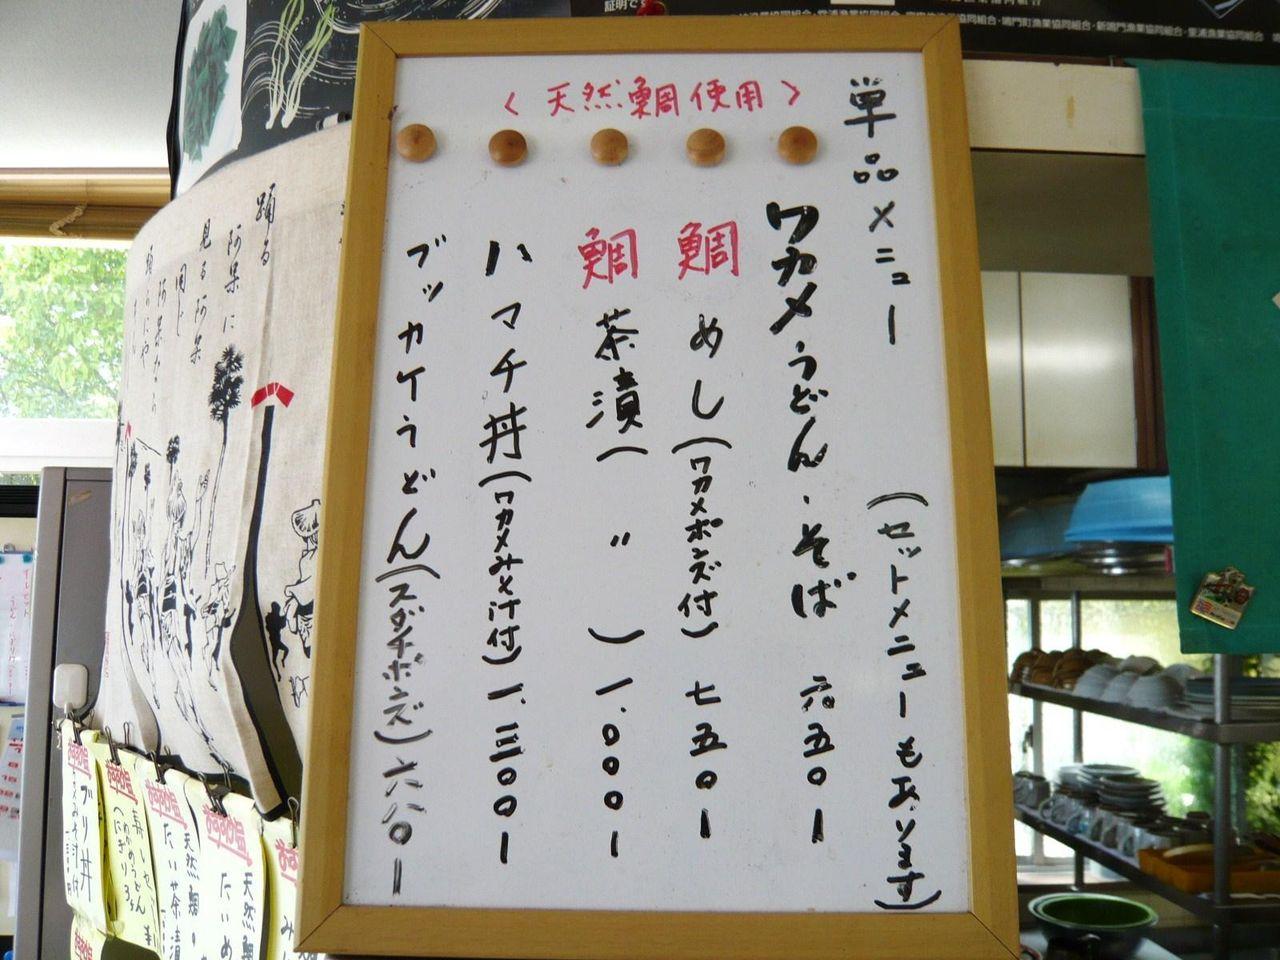 渦見茶屋のメニュー(23年5月現在)